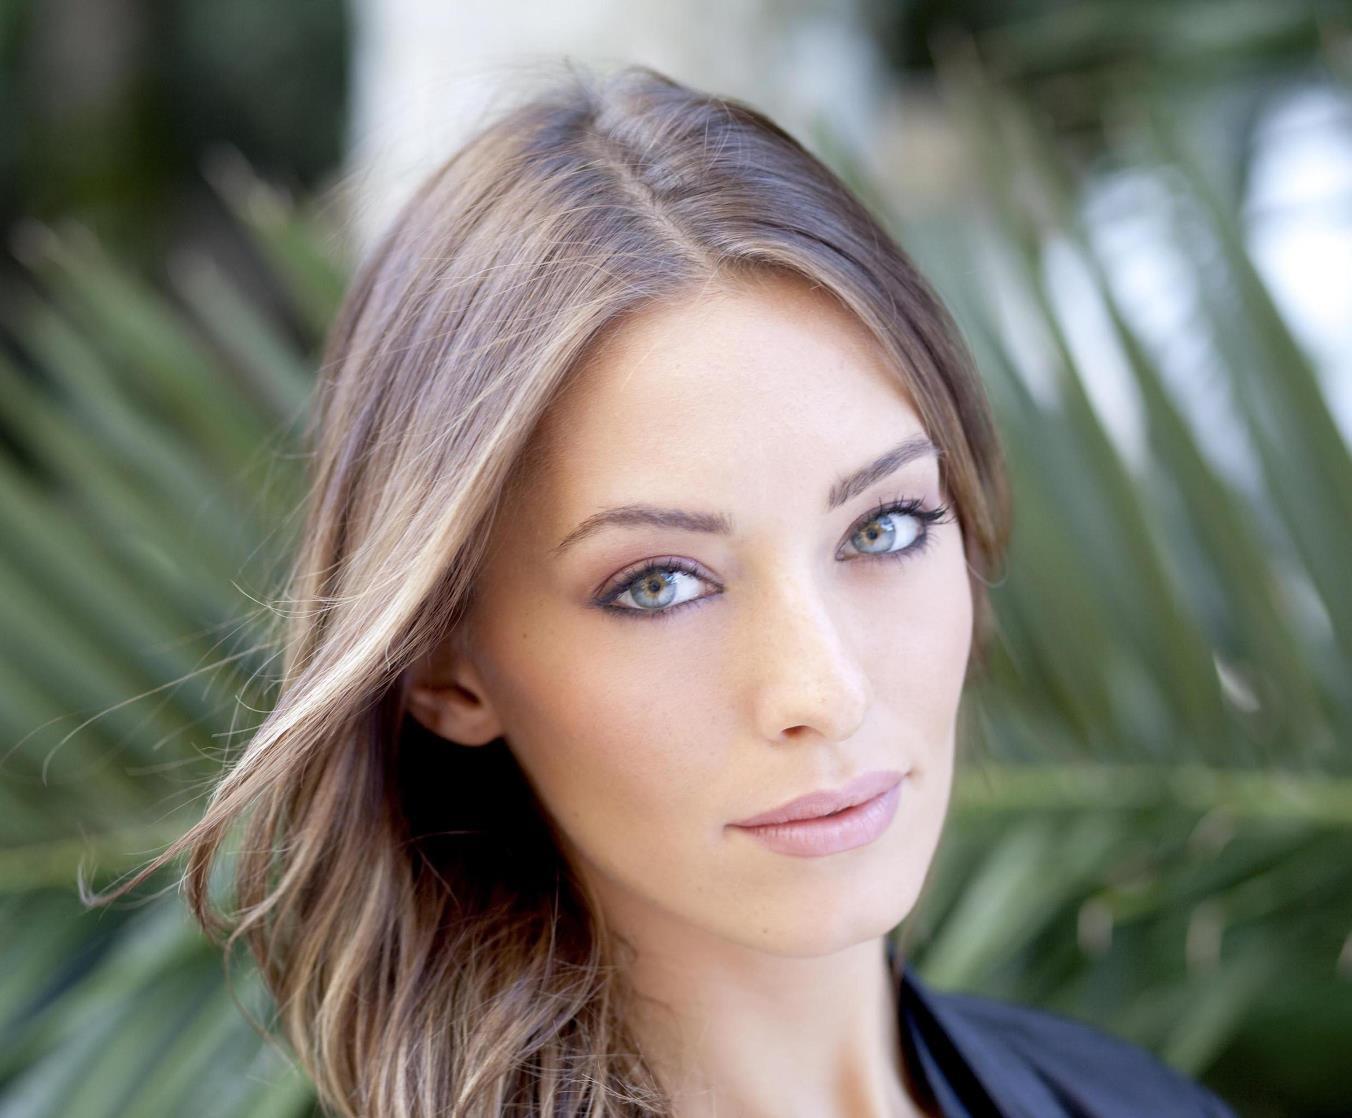 Alessia Tedeschi, Miss Tv Sorrisi e Canzoni 2011, foto distribuita il 4 maggio 2012. +++EDITORIAL USE ONLY - NO SALES+++ ANSA/UFFICIO STAMPA MISS ITALIA